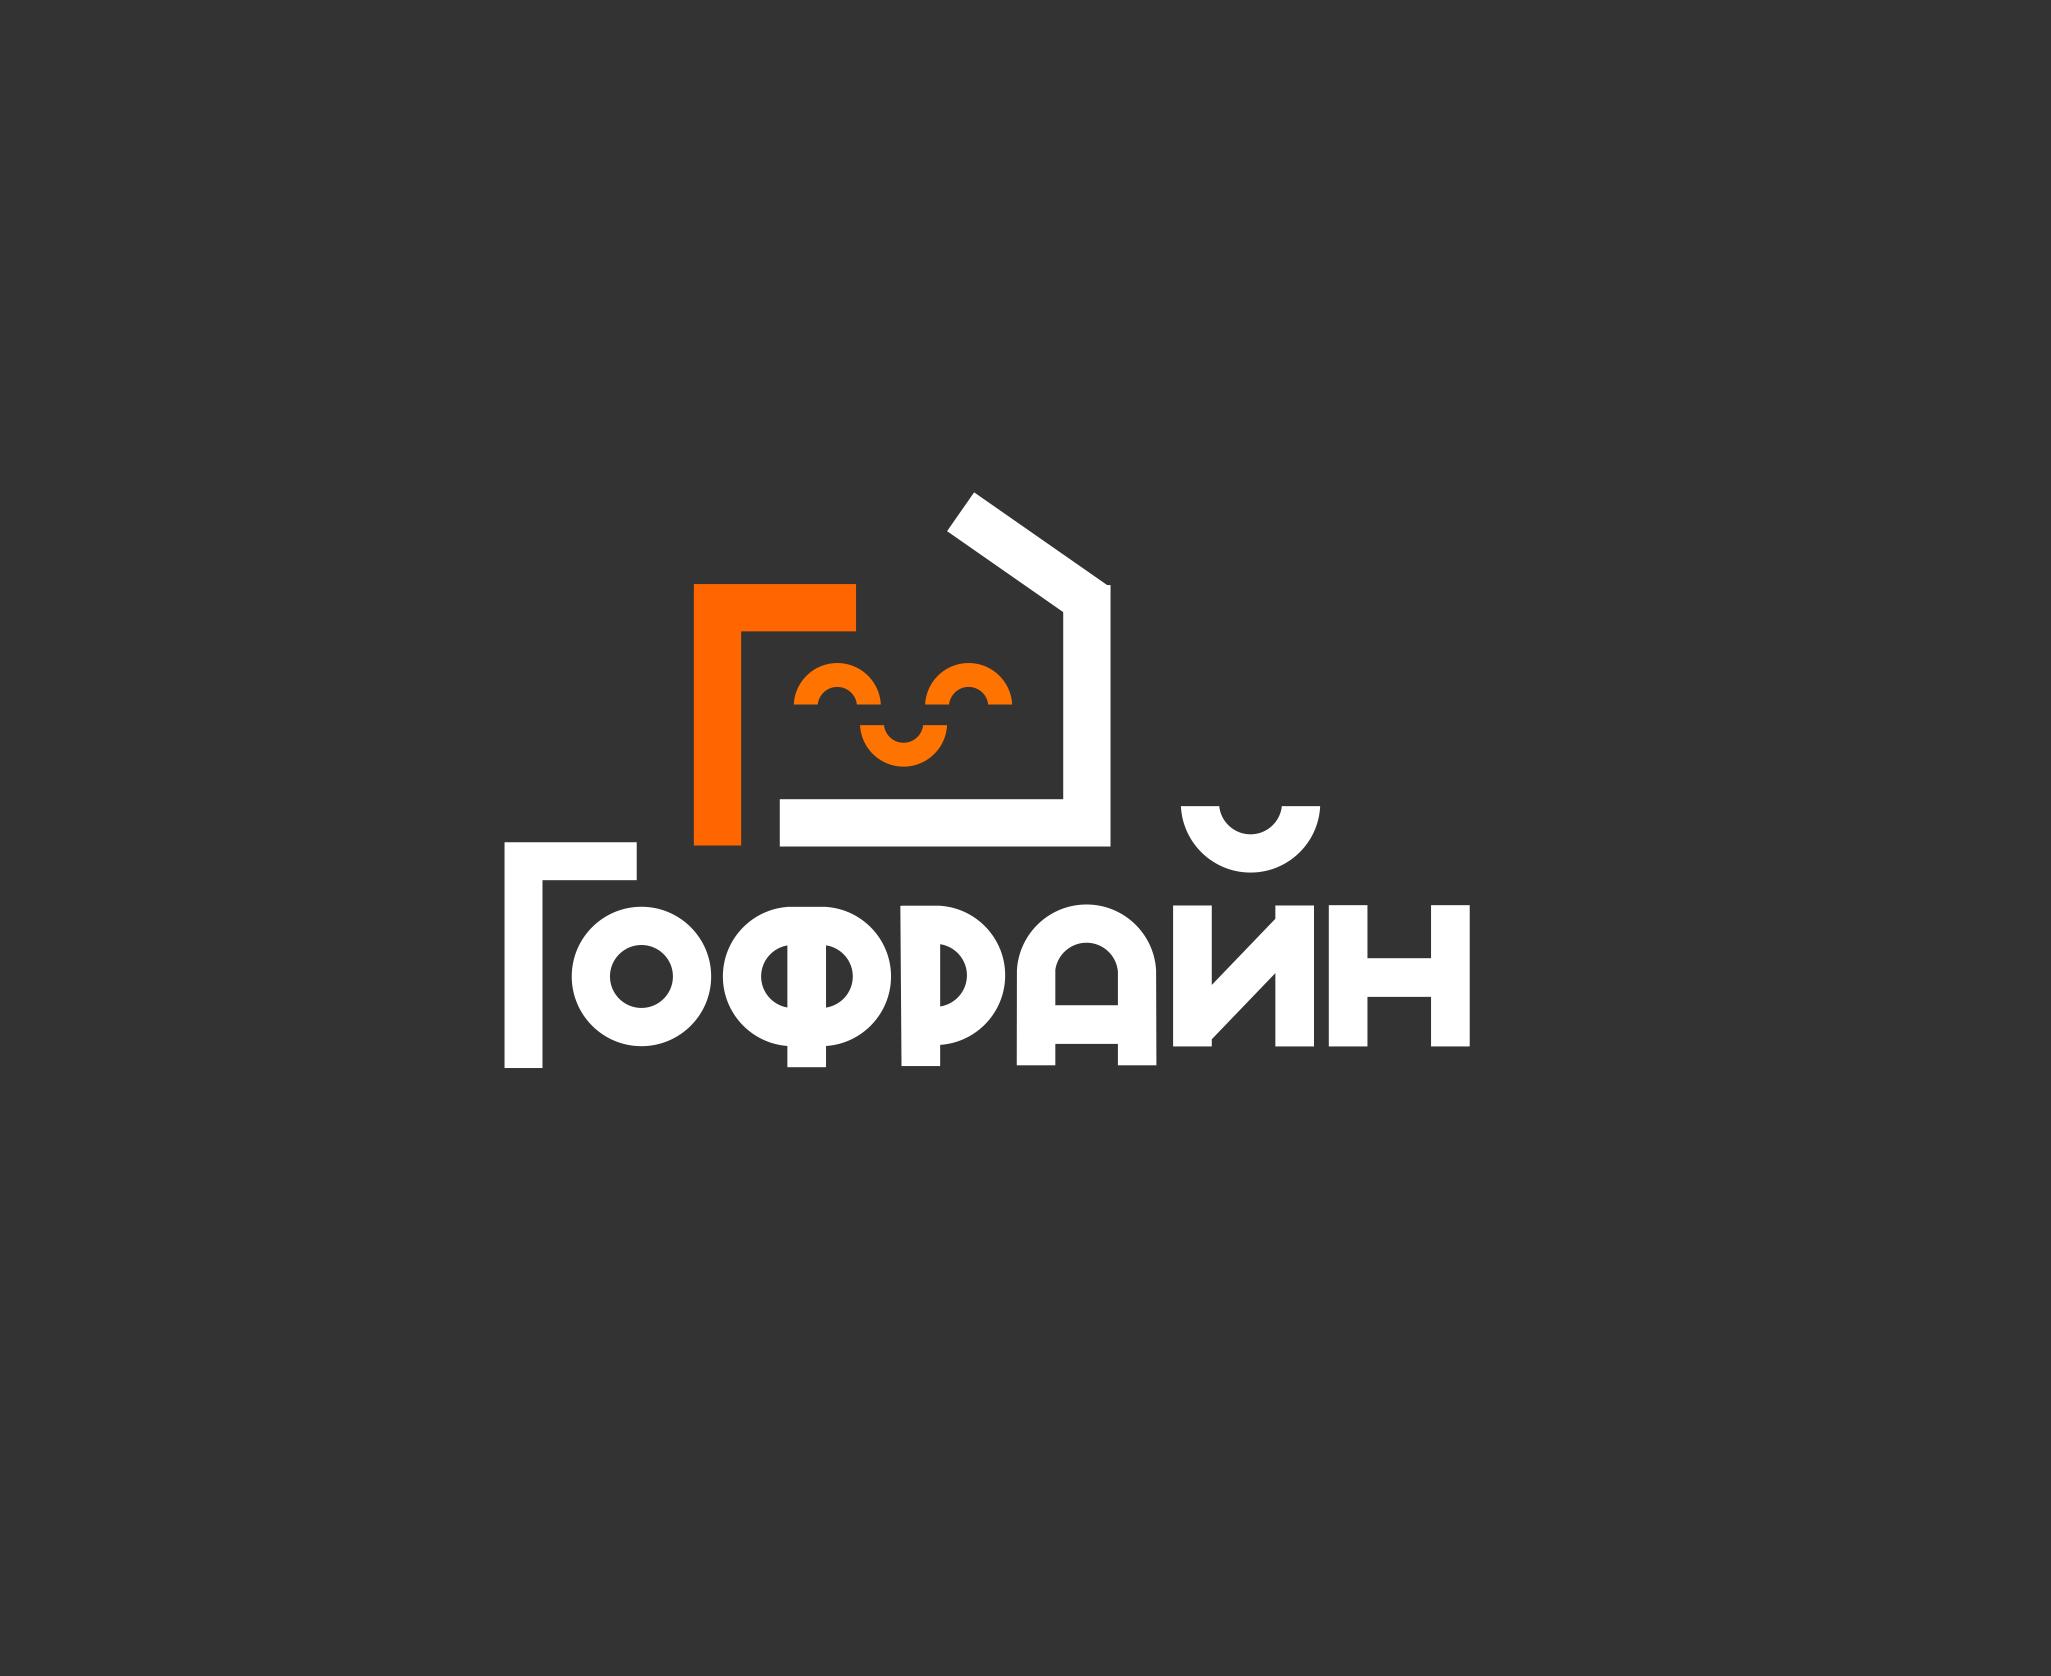 Логотип для компании по реализации упаковки из гофрокартона фото f_0515cdeb3f0c67a8.png